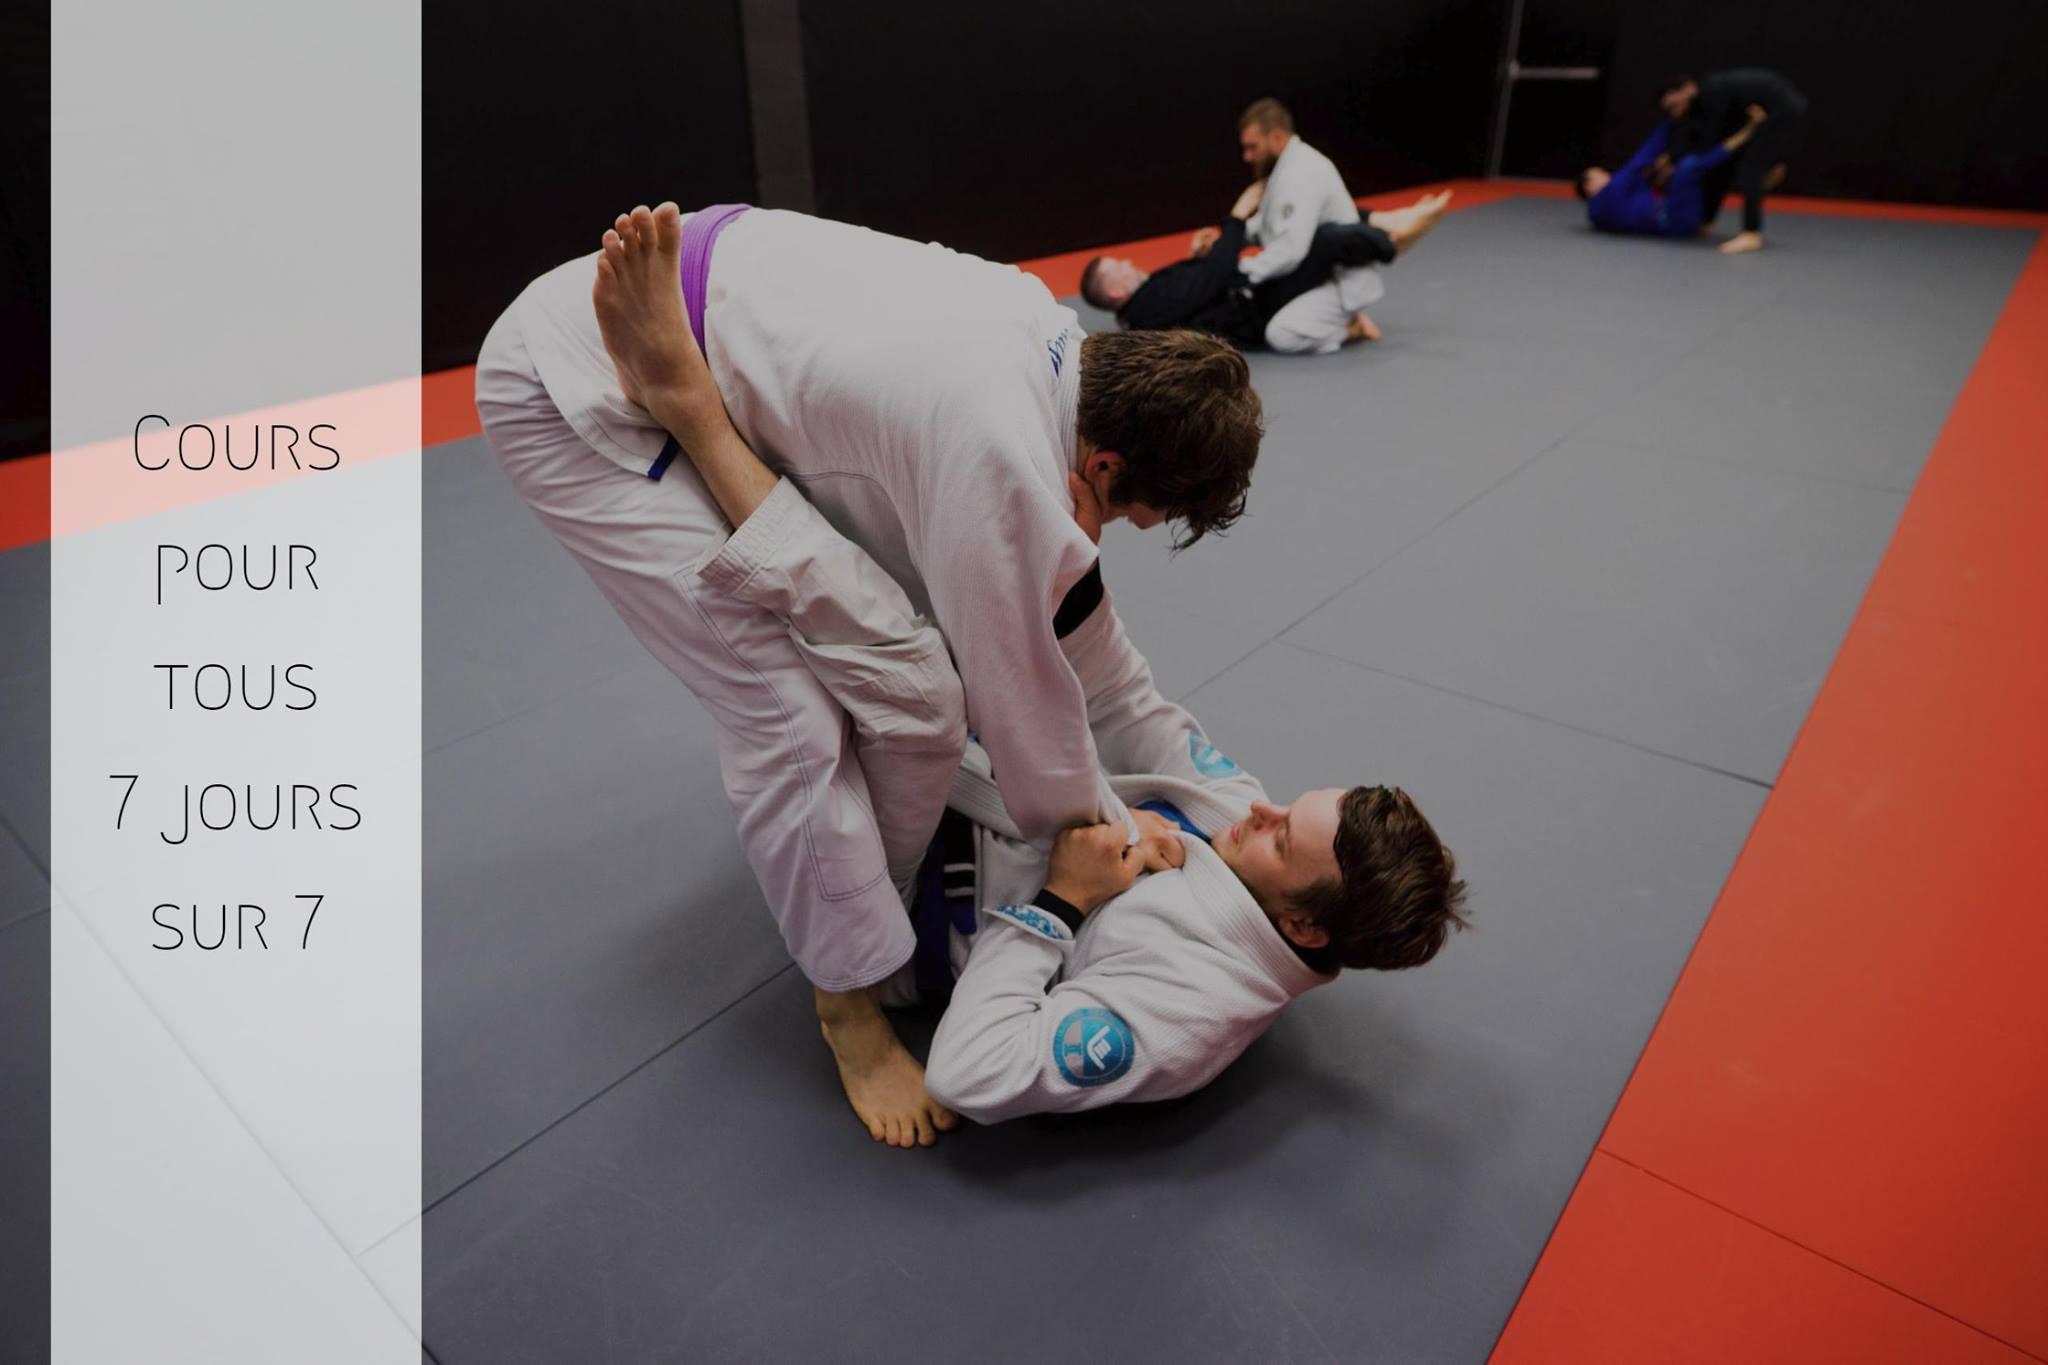 vais-je perdre du poids en faisant du jiu jitsu